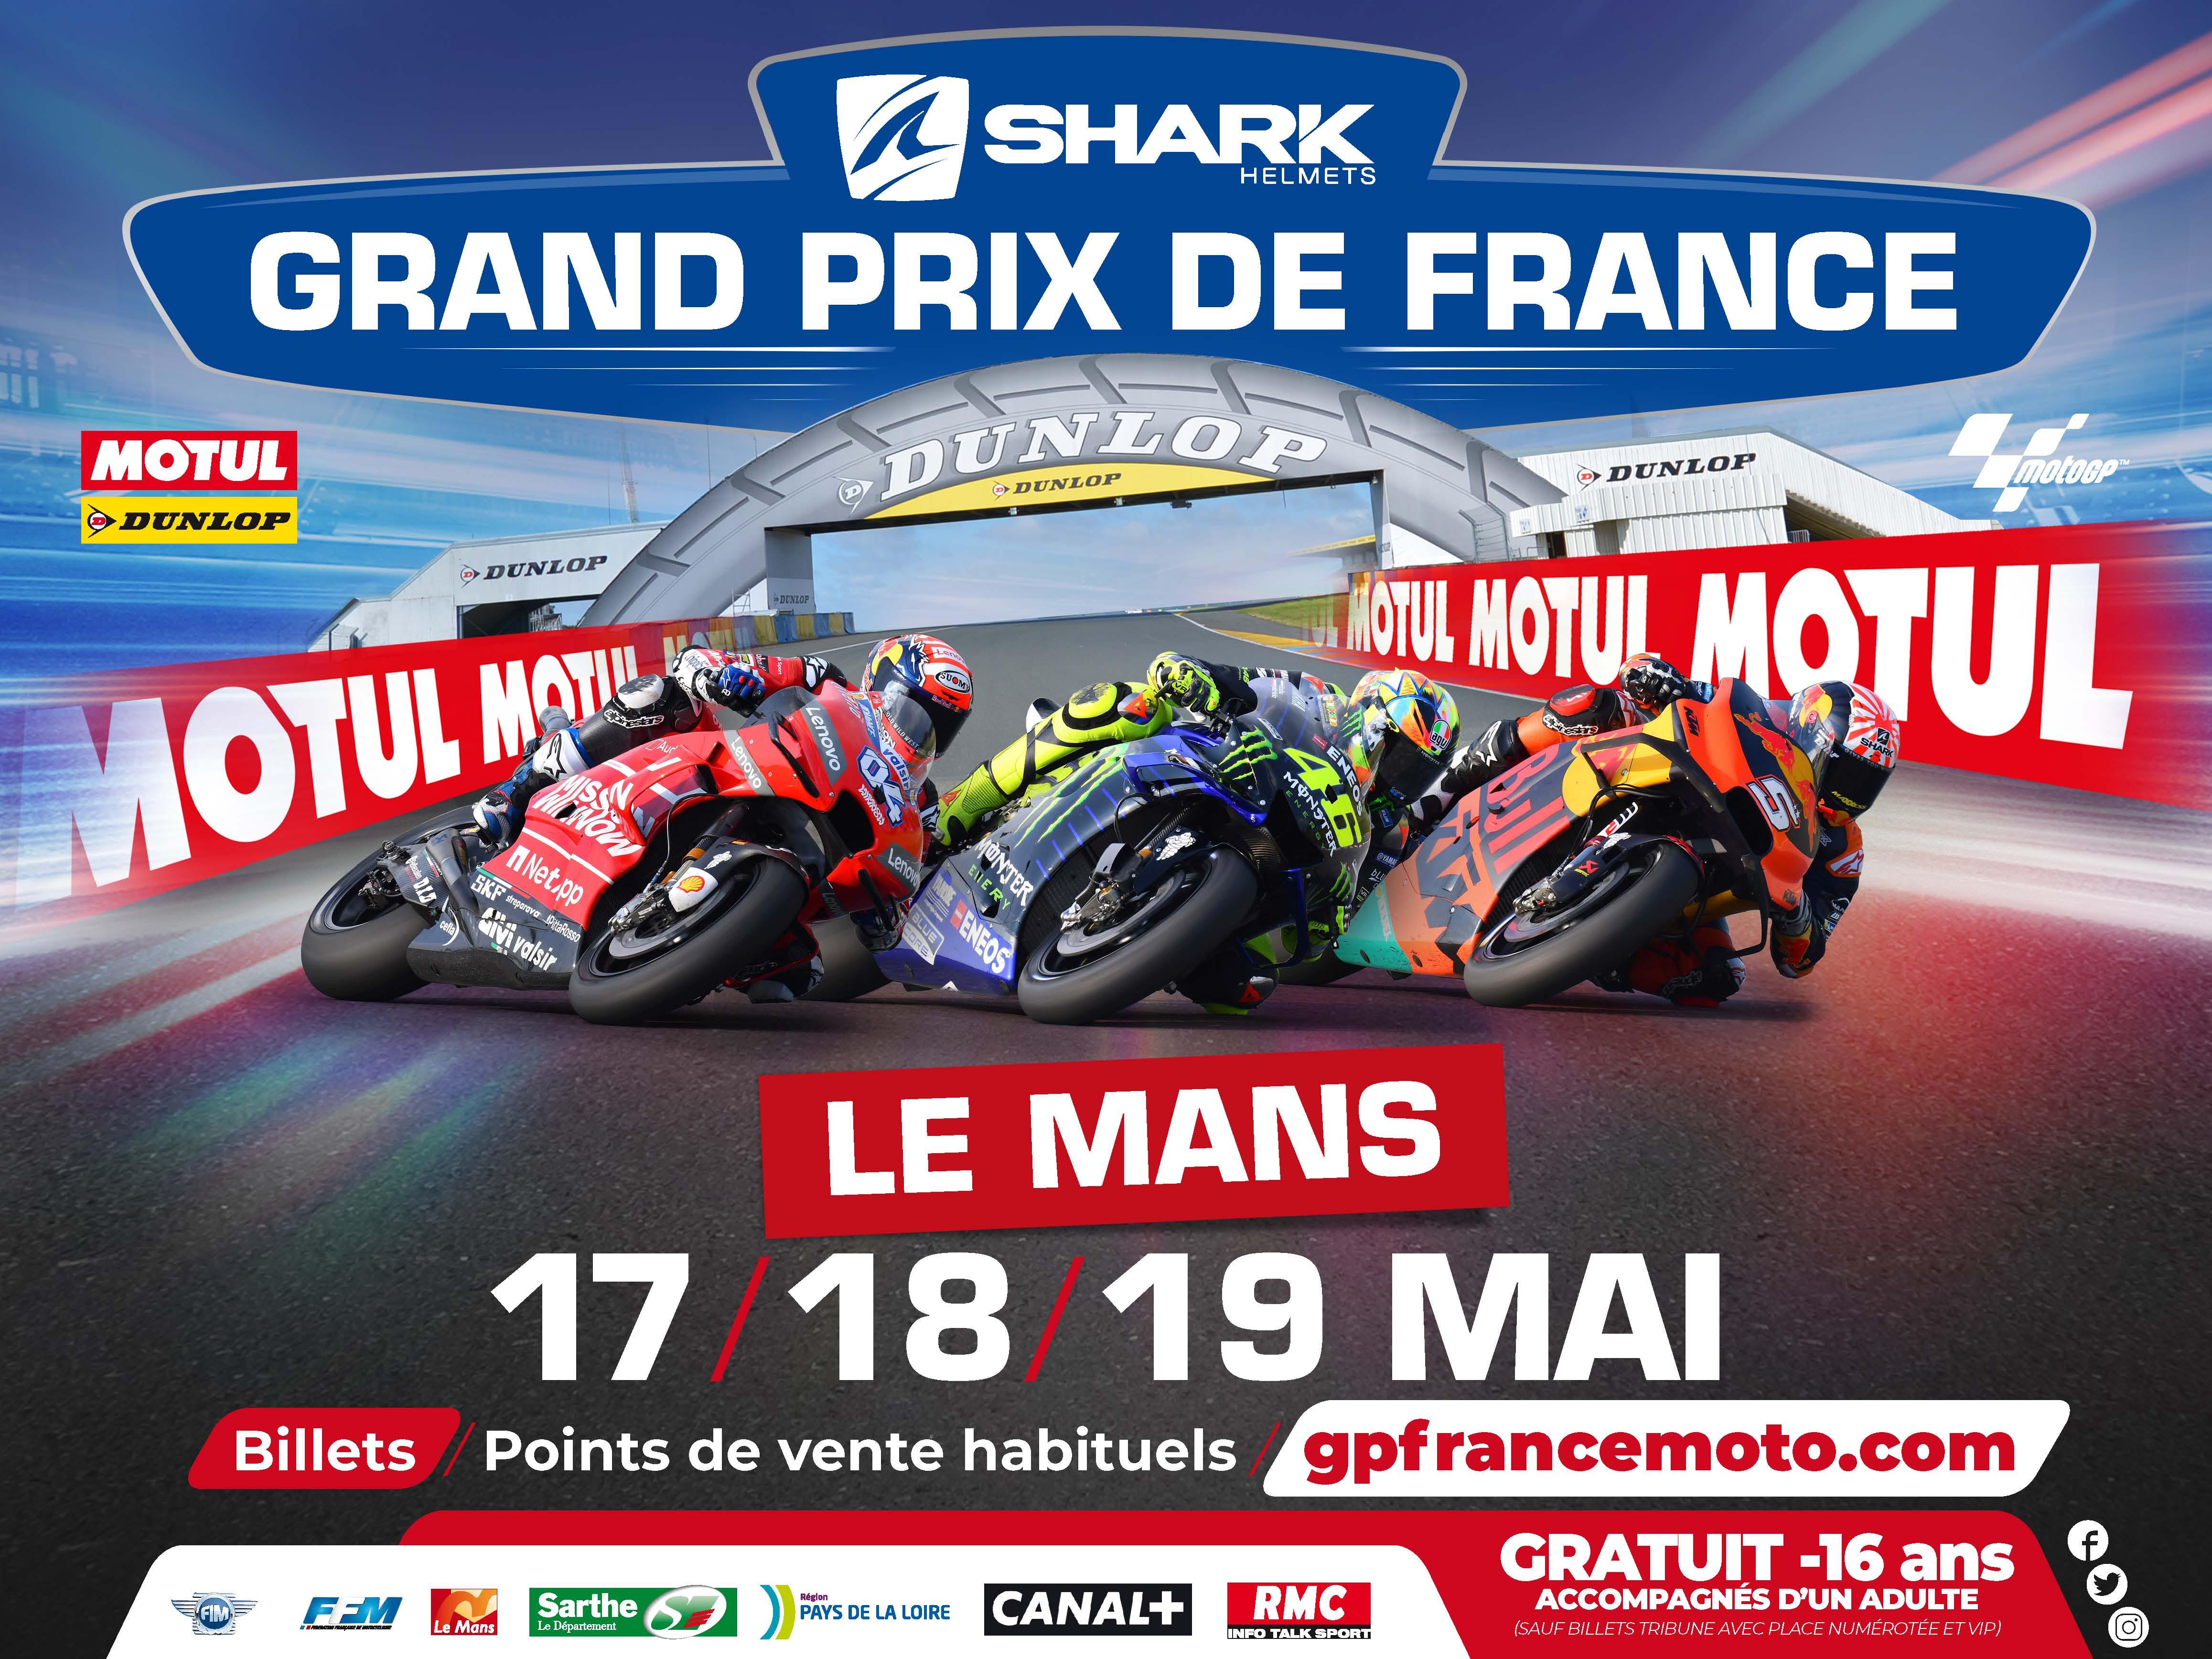 Infos Vitesse - Grand Prix de France Le Mans